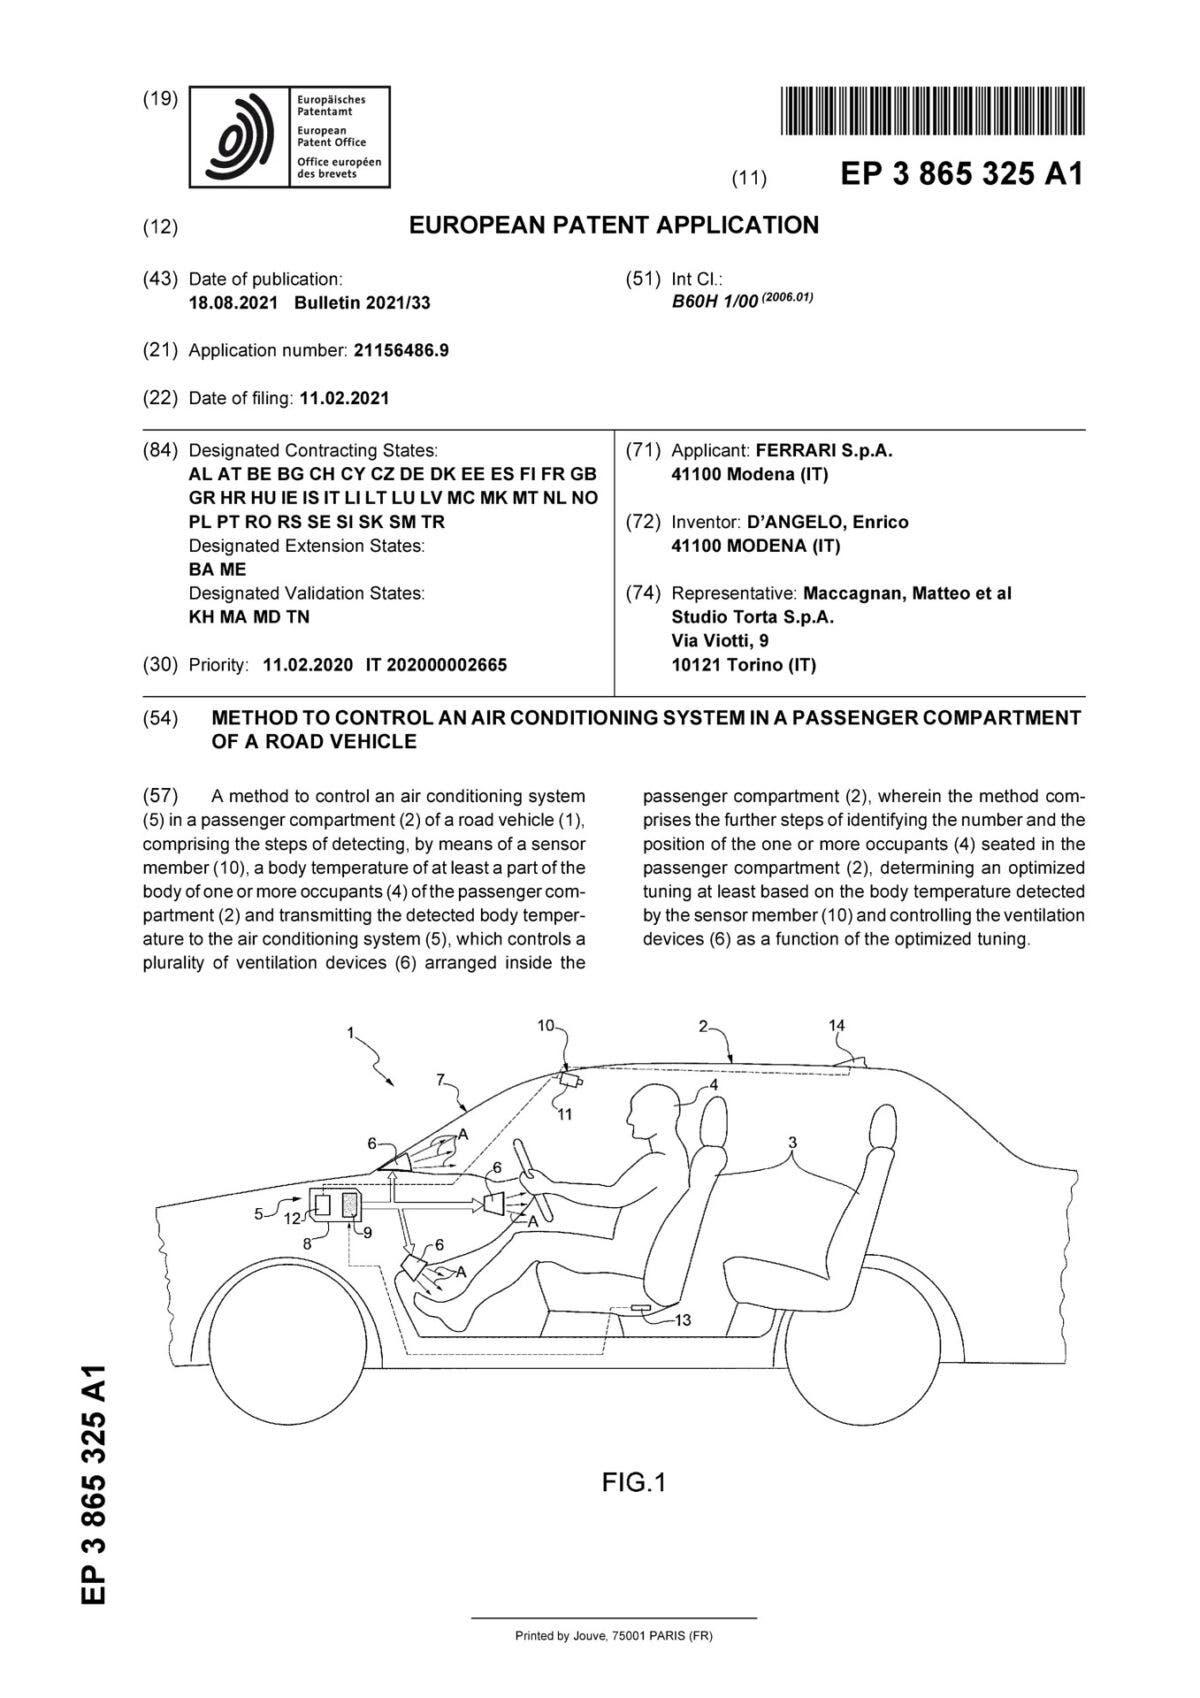 Ferrari sistema climatizzazione brevetto